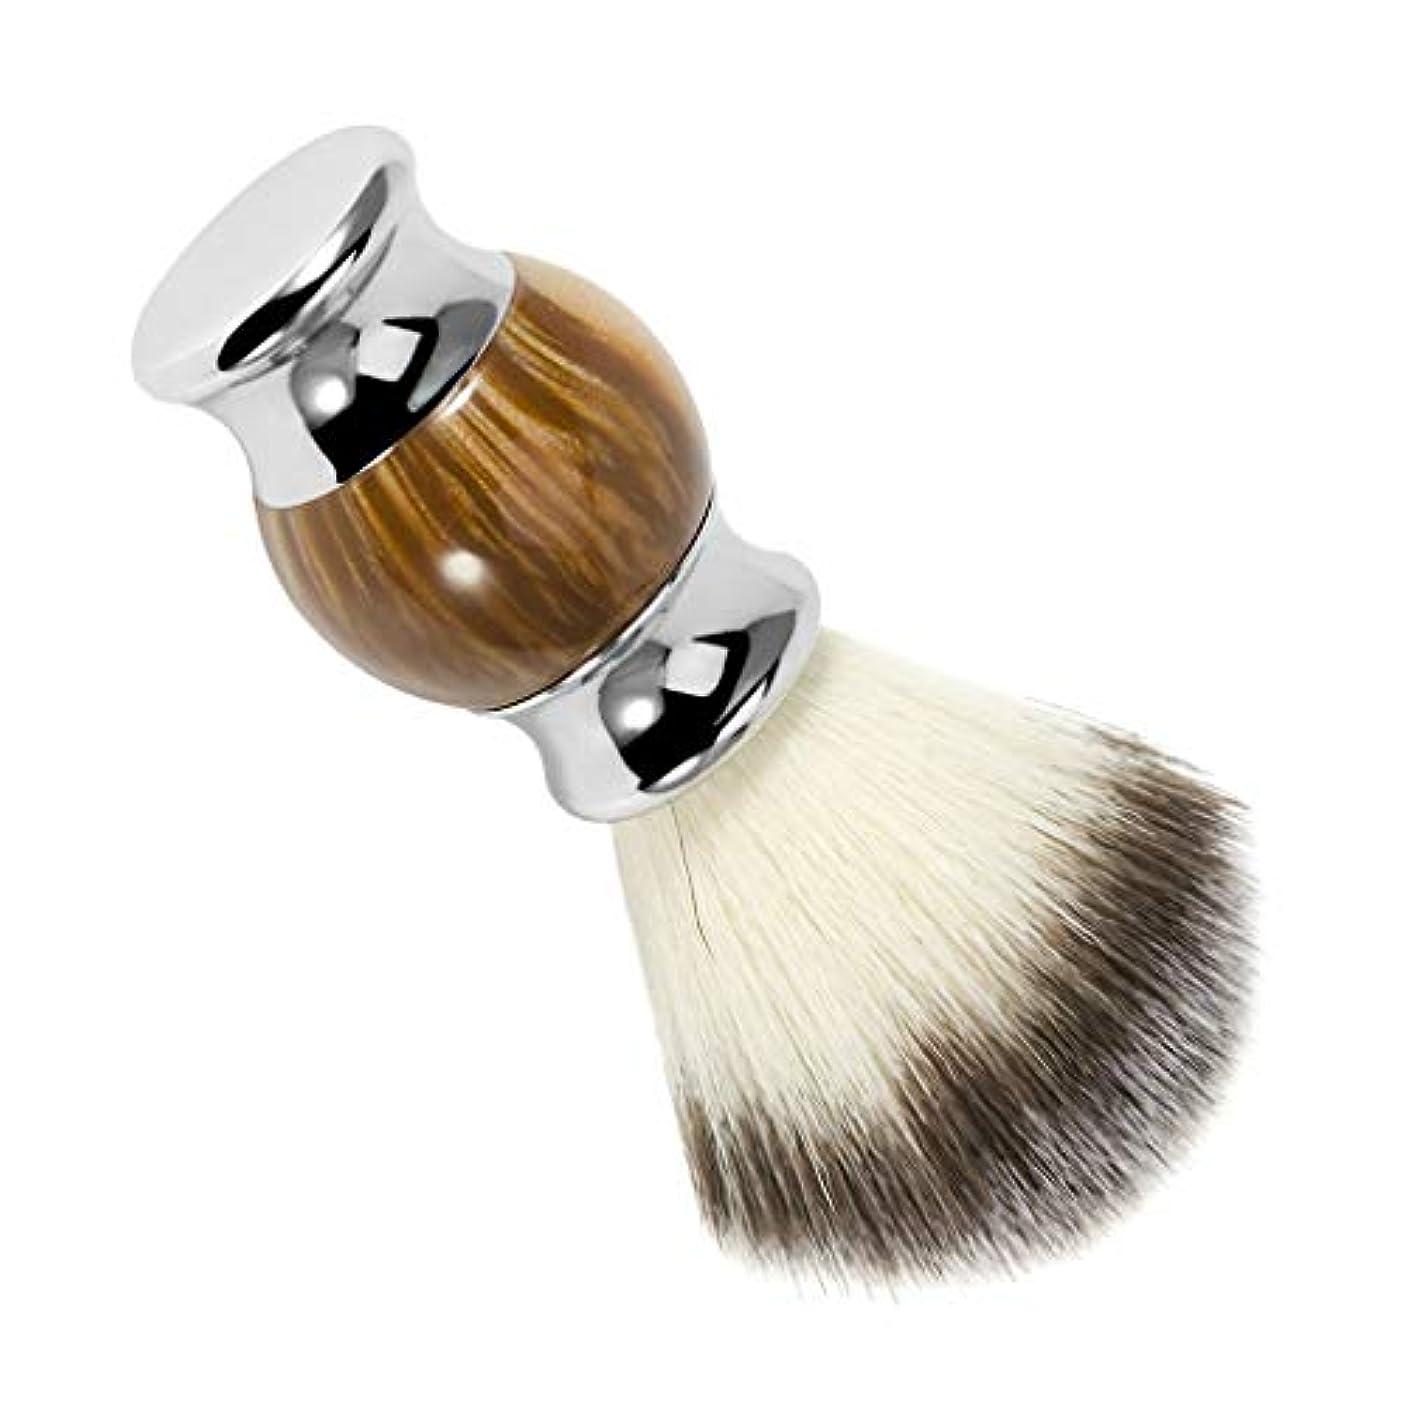 納屋反抗かもしれないひげ剃りブラシ シェービングブラシ メンズ 髭剃り プロフェッショナル ひげ剃り 美容ツール